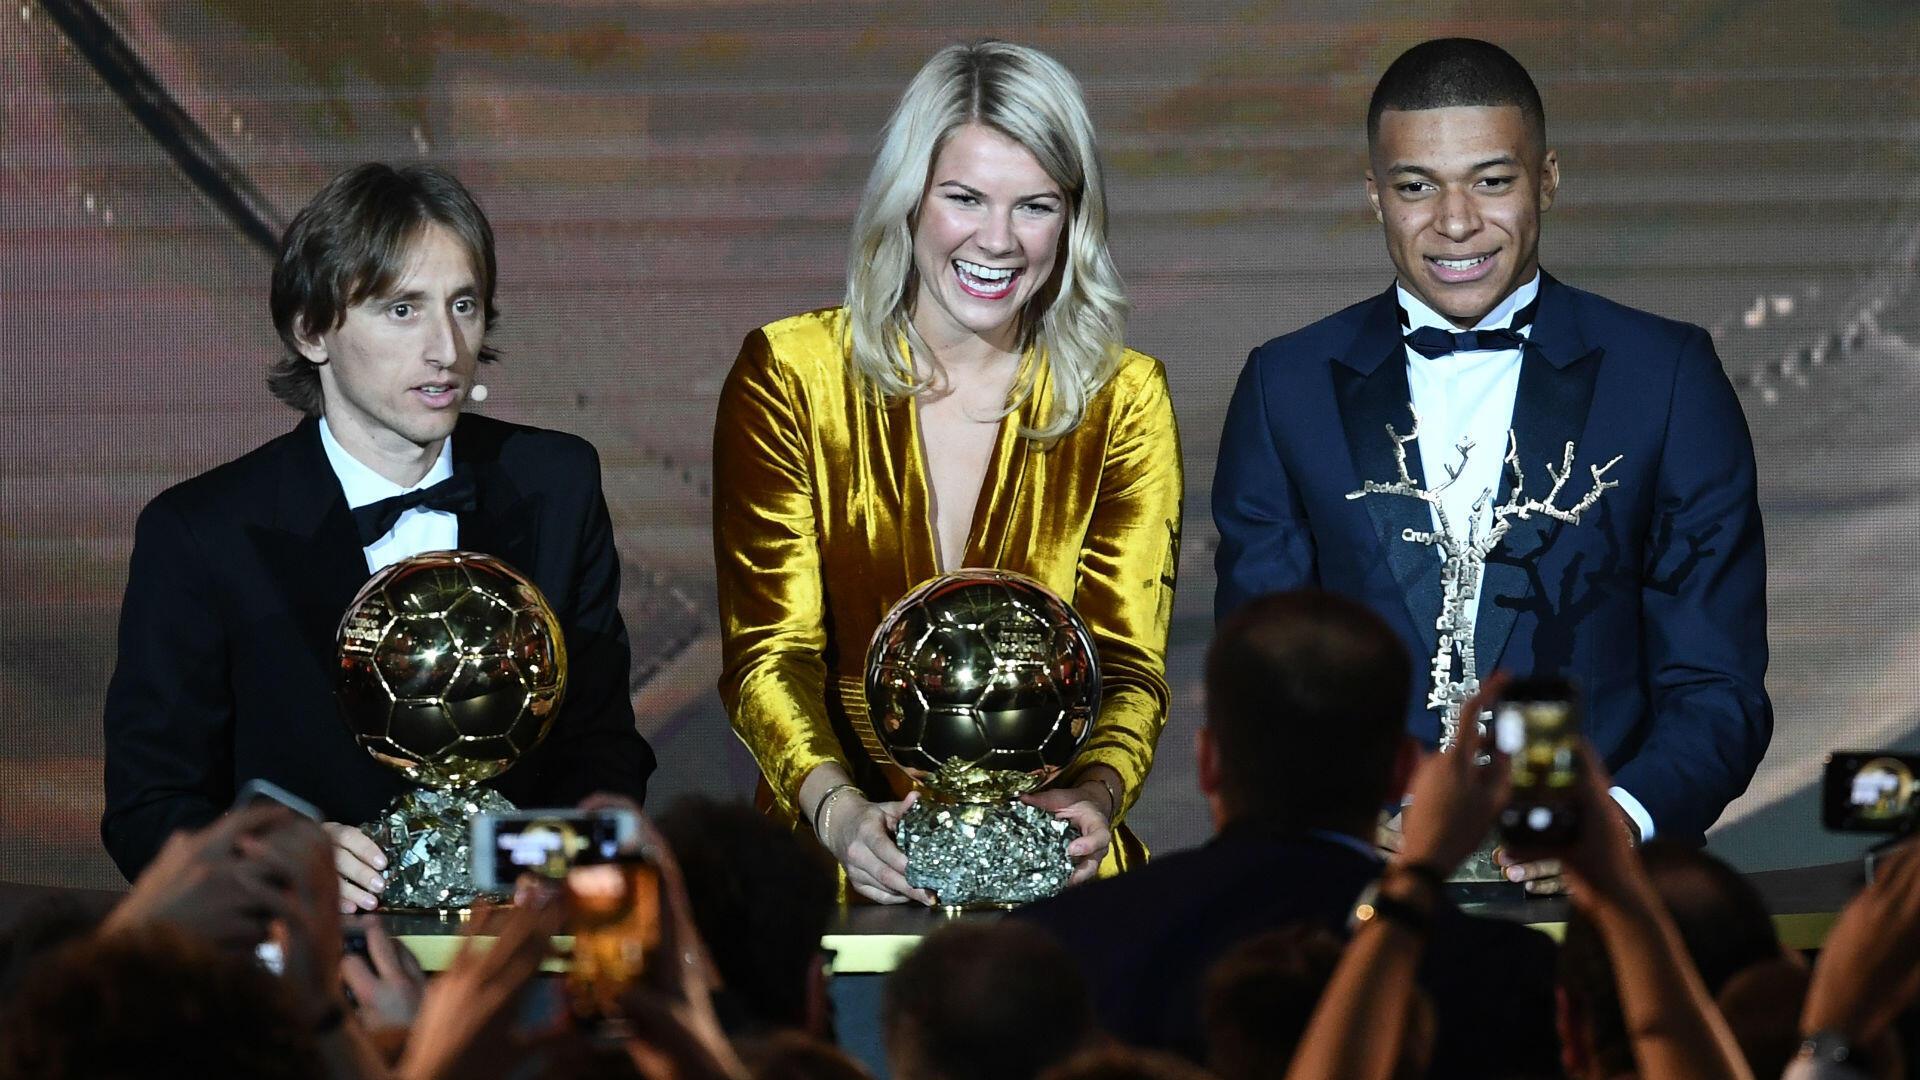 Malgré la victoire des Bleus en Coupe du monde, c'est le Croate Luka Modric qui soulève le Ballon d'Or en 2018. Chez les femmes, la Norvégienne de l'OL Ada Hegerberg est sacrée, tandis que le Français Kylian Mbappé décroche le Trophée Kopa, décerné au meilleur joueur de moins de 21ans.